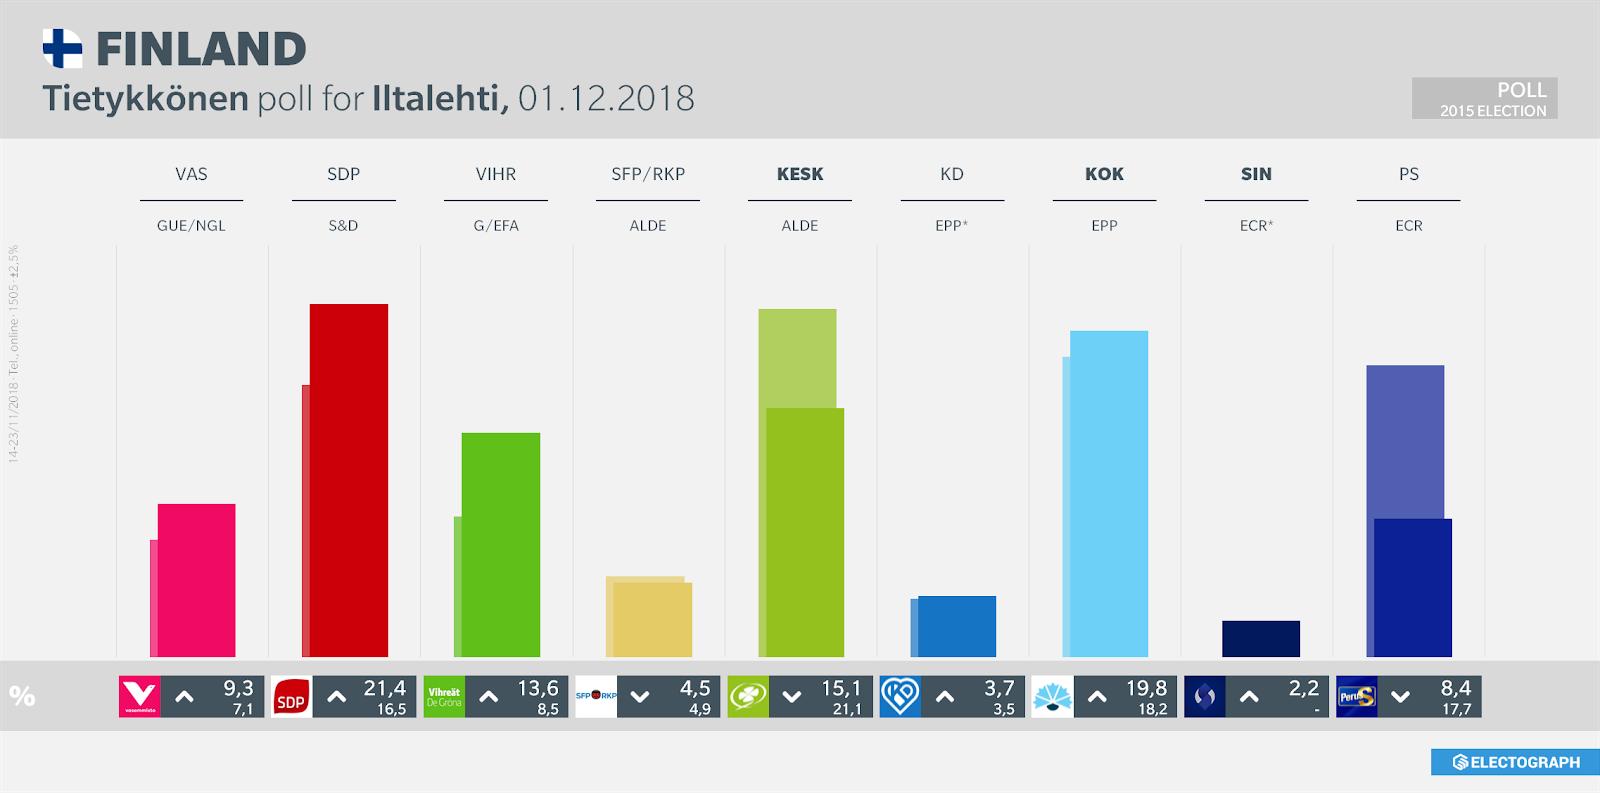 FINLAND: Tietoykkönen poll chart for Iltalehti, 1 December 2018